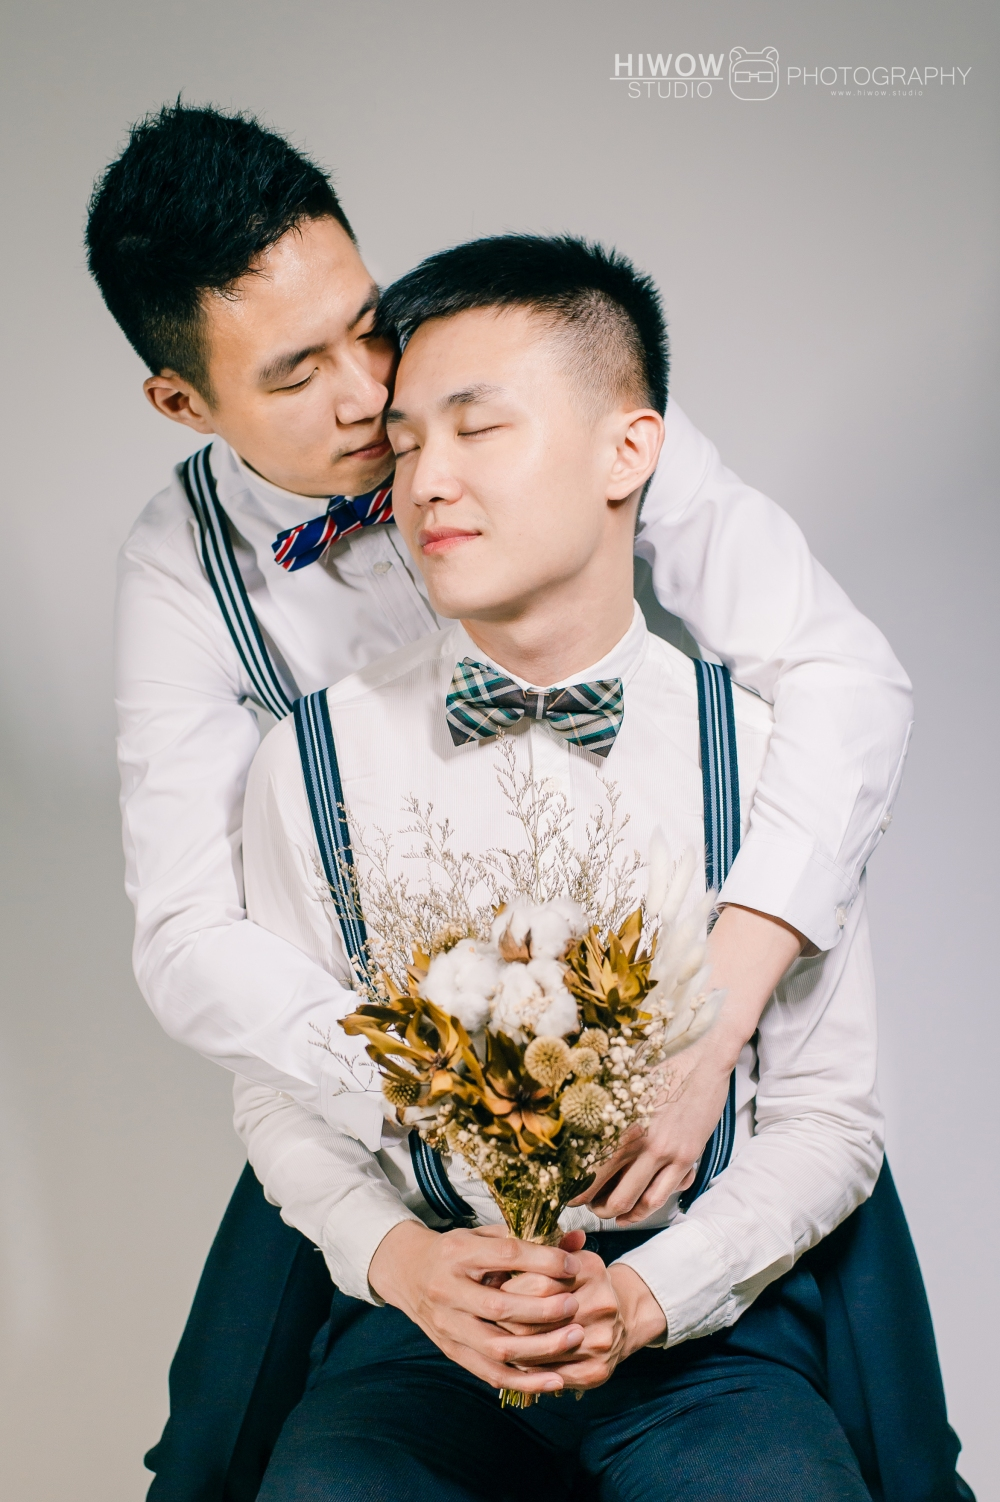 同志婚紗/海蛙攝影/austin/hiwow.studio/婚姻平權/自助婚紗/情侶寫真/居家婚紗